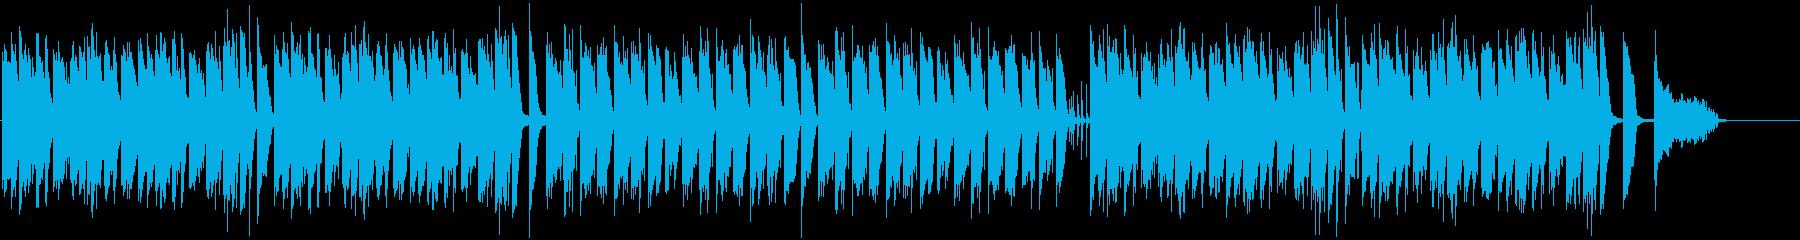 「きょうの料理」のパロディ曲の再生済みの波形